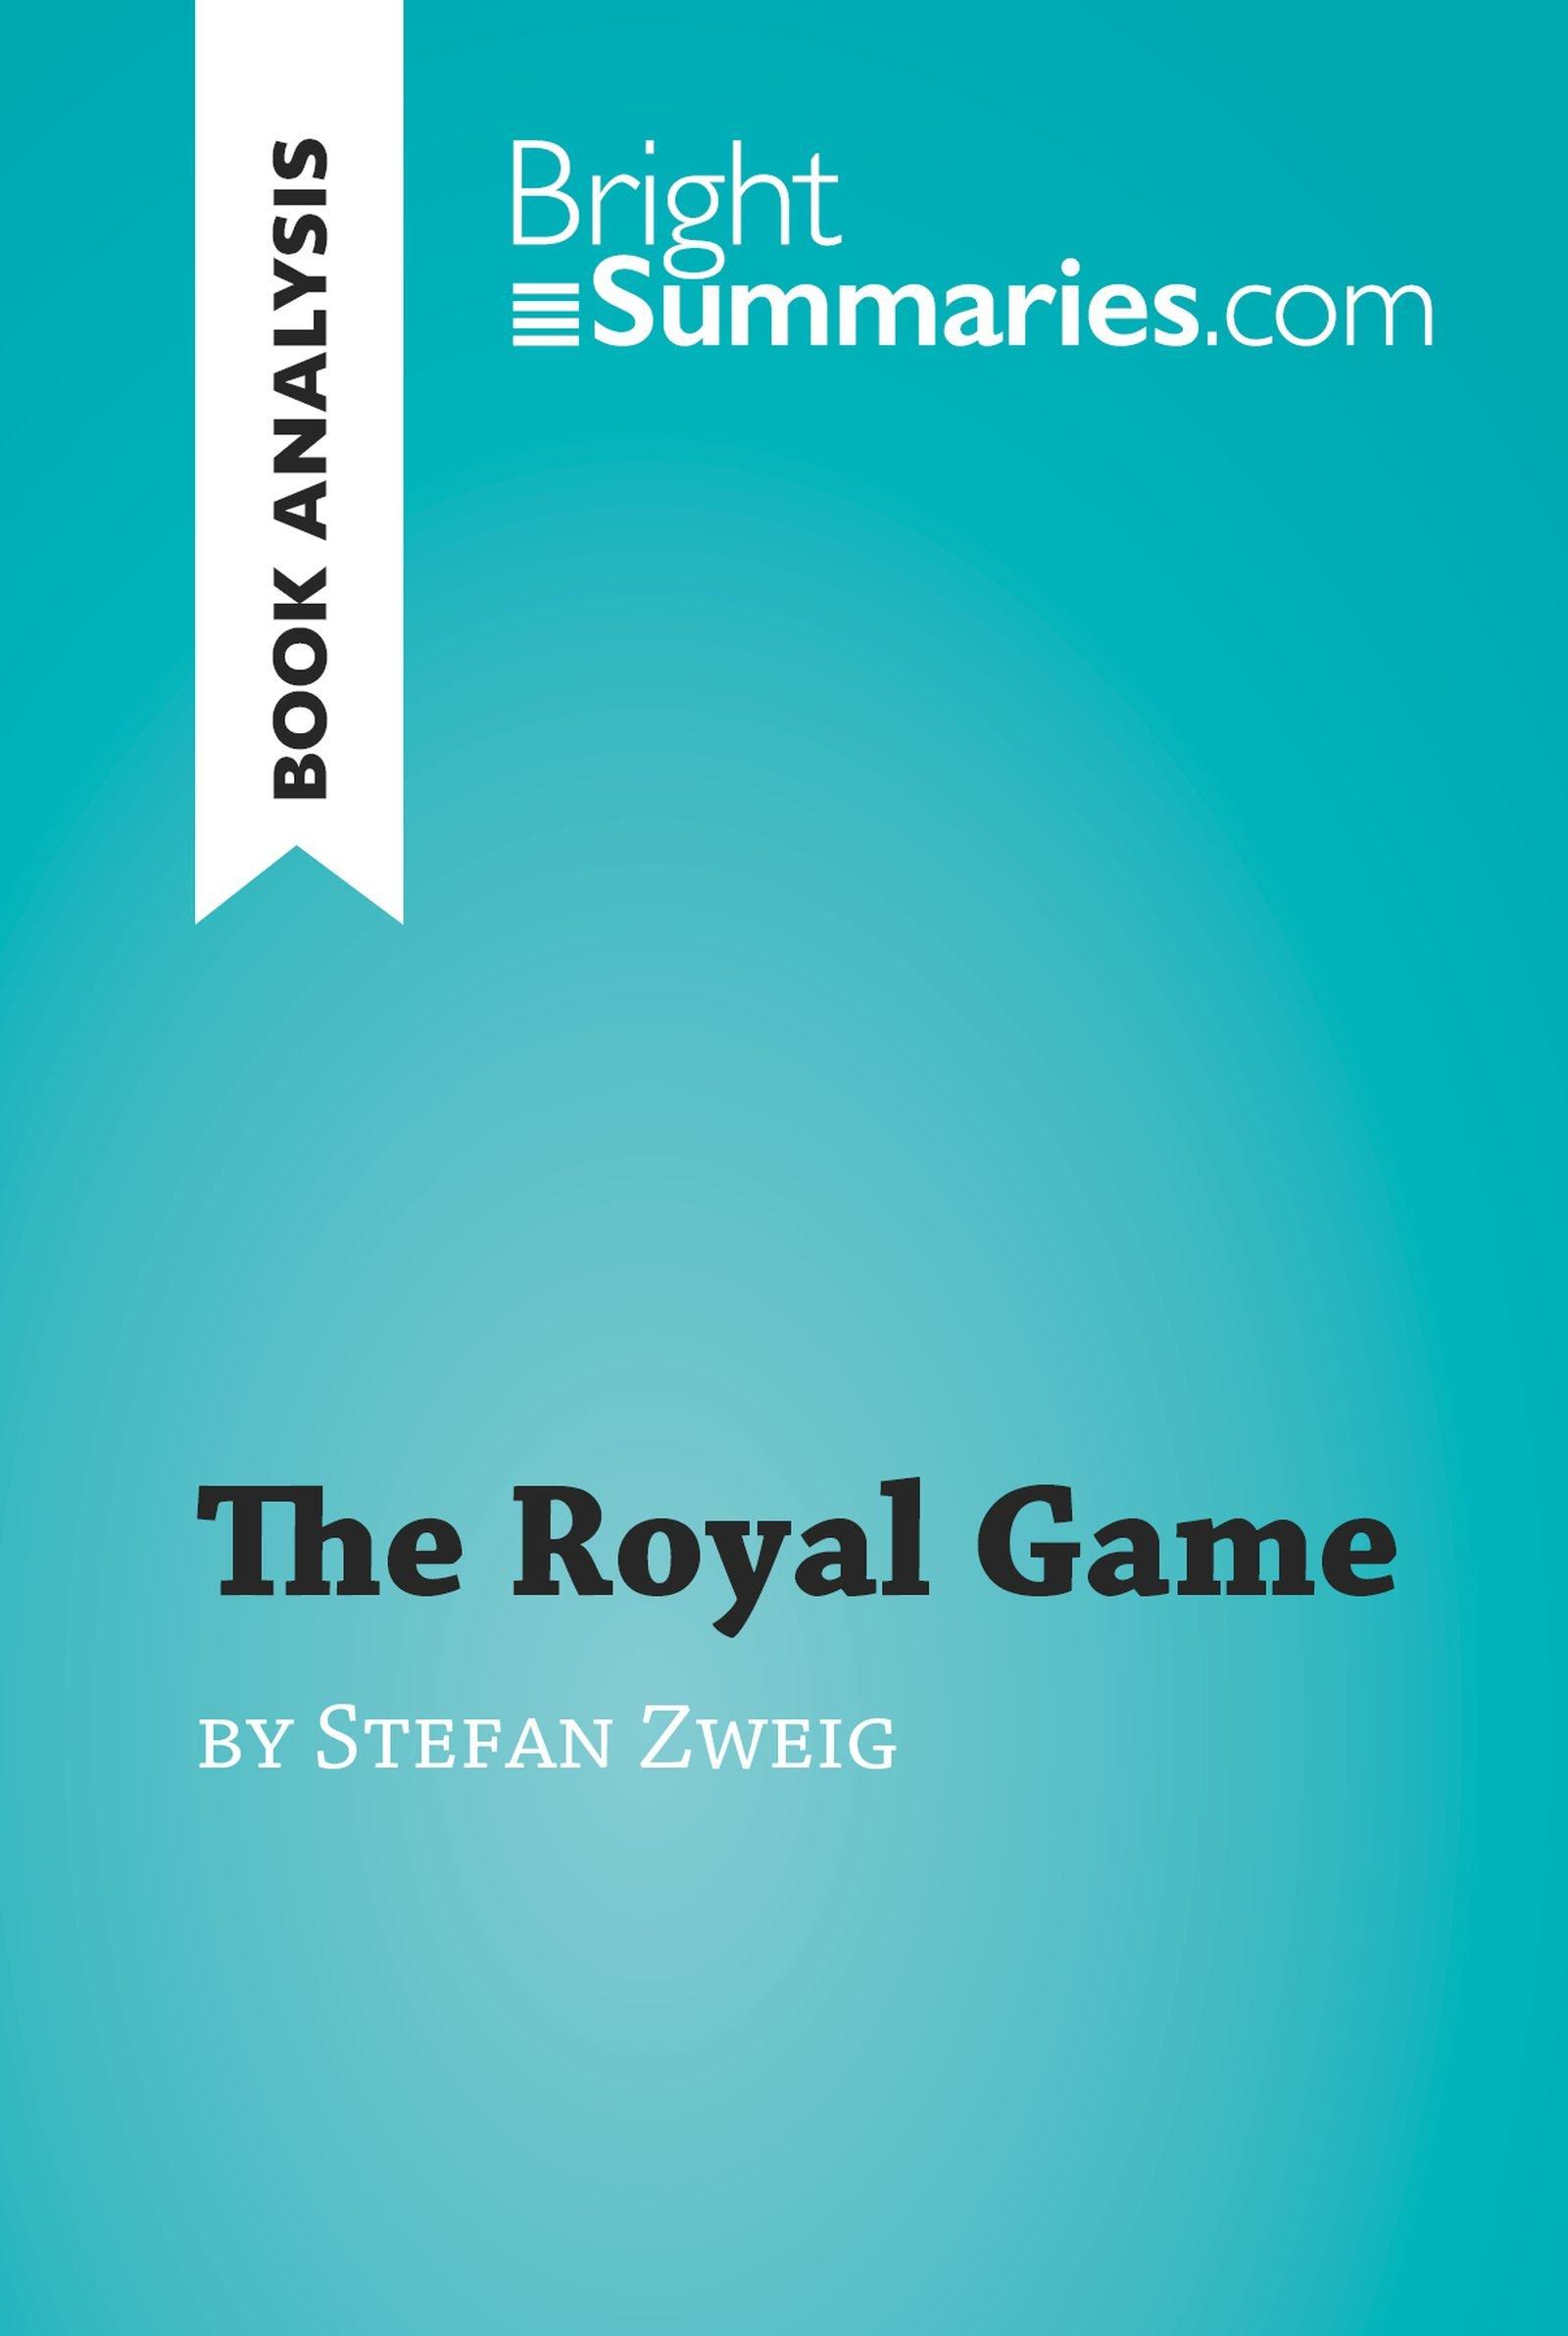 Read Memoirs Of A Dutiful Daughter By Simone De Beauvoir